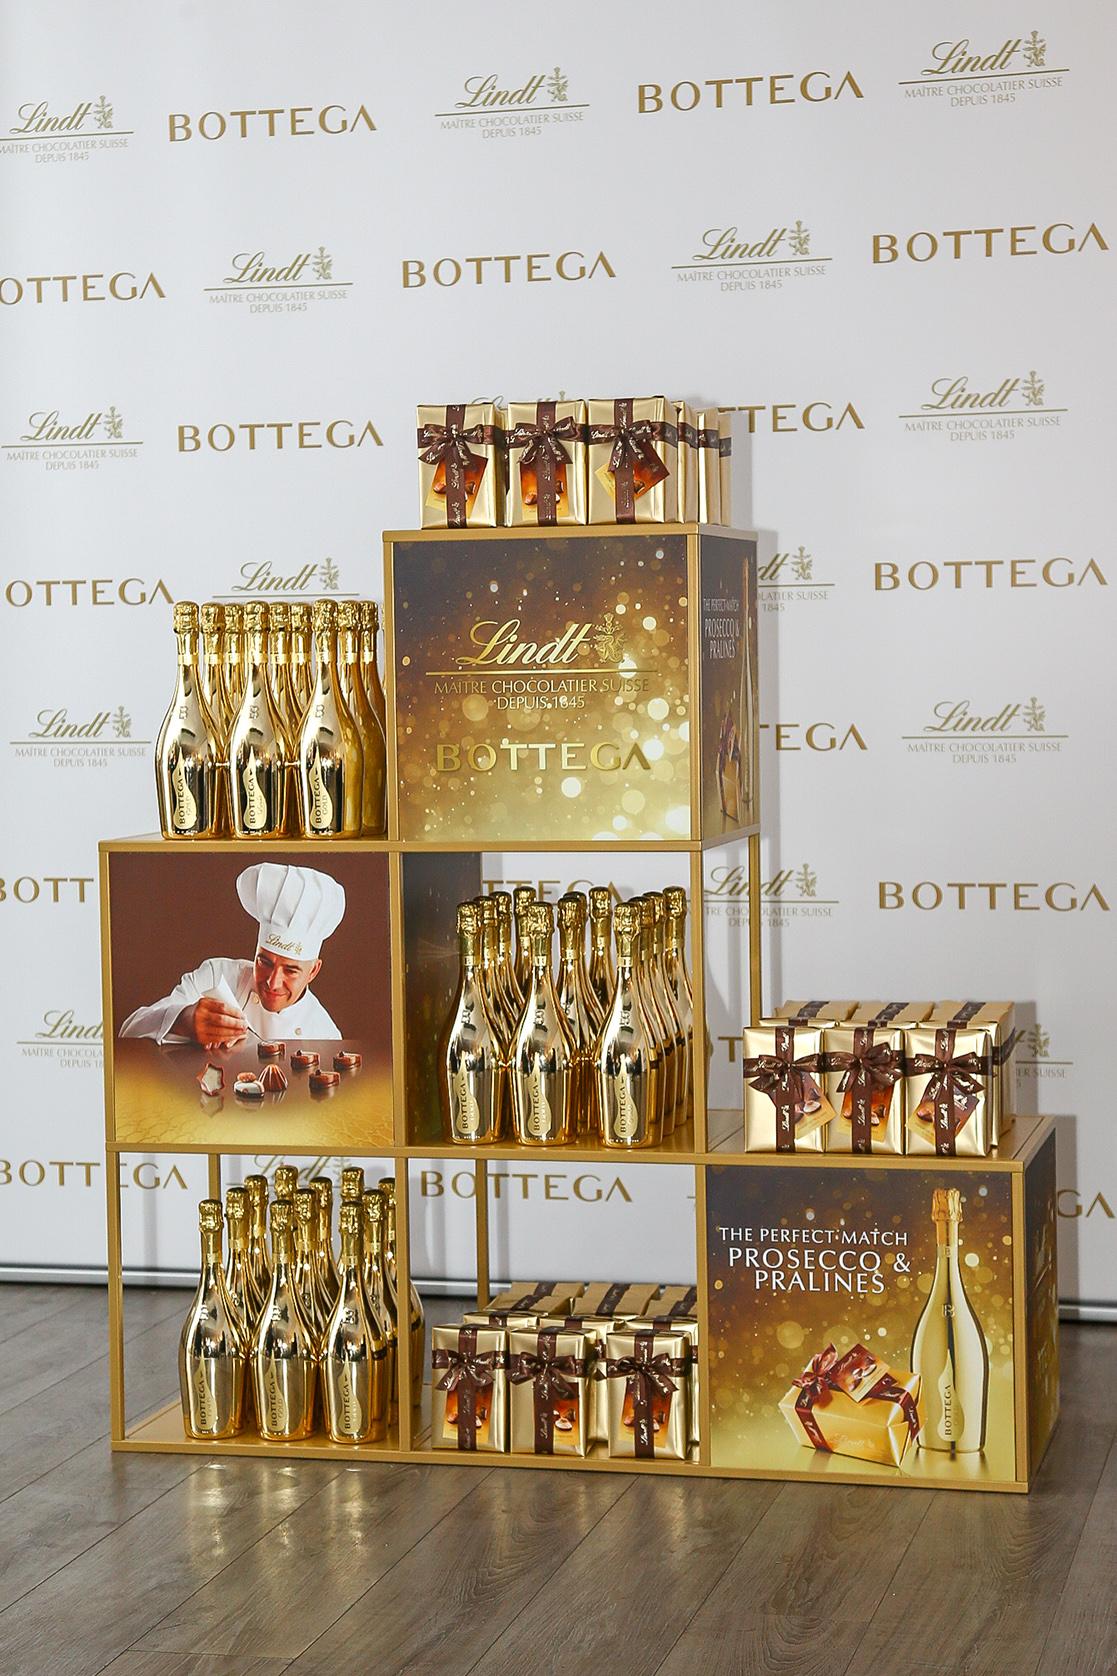 La nuova partnership tra Bottega e Lindt coniuga il Prosecco alle Praline